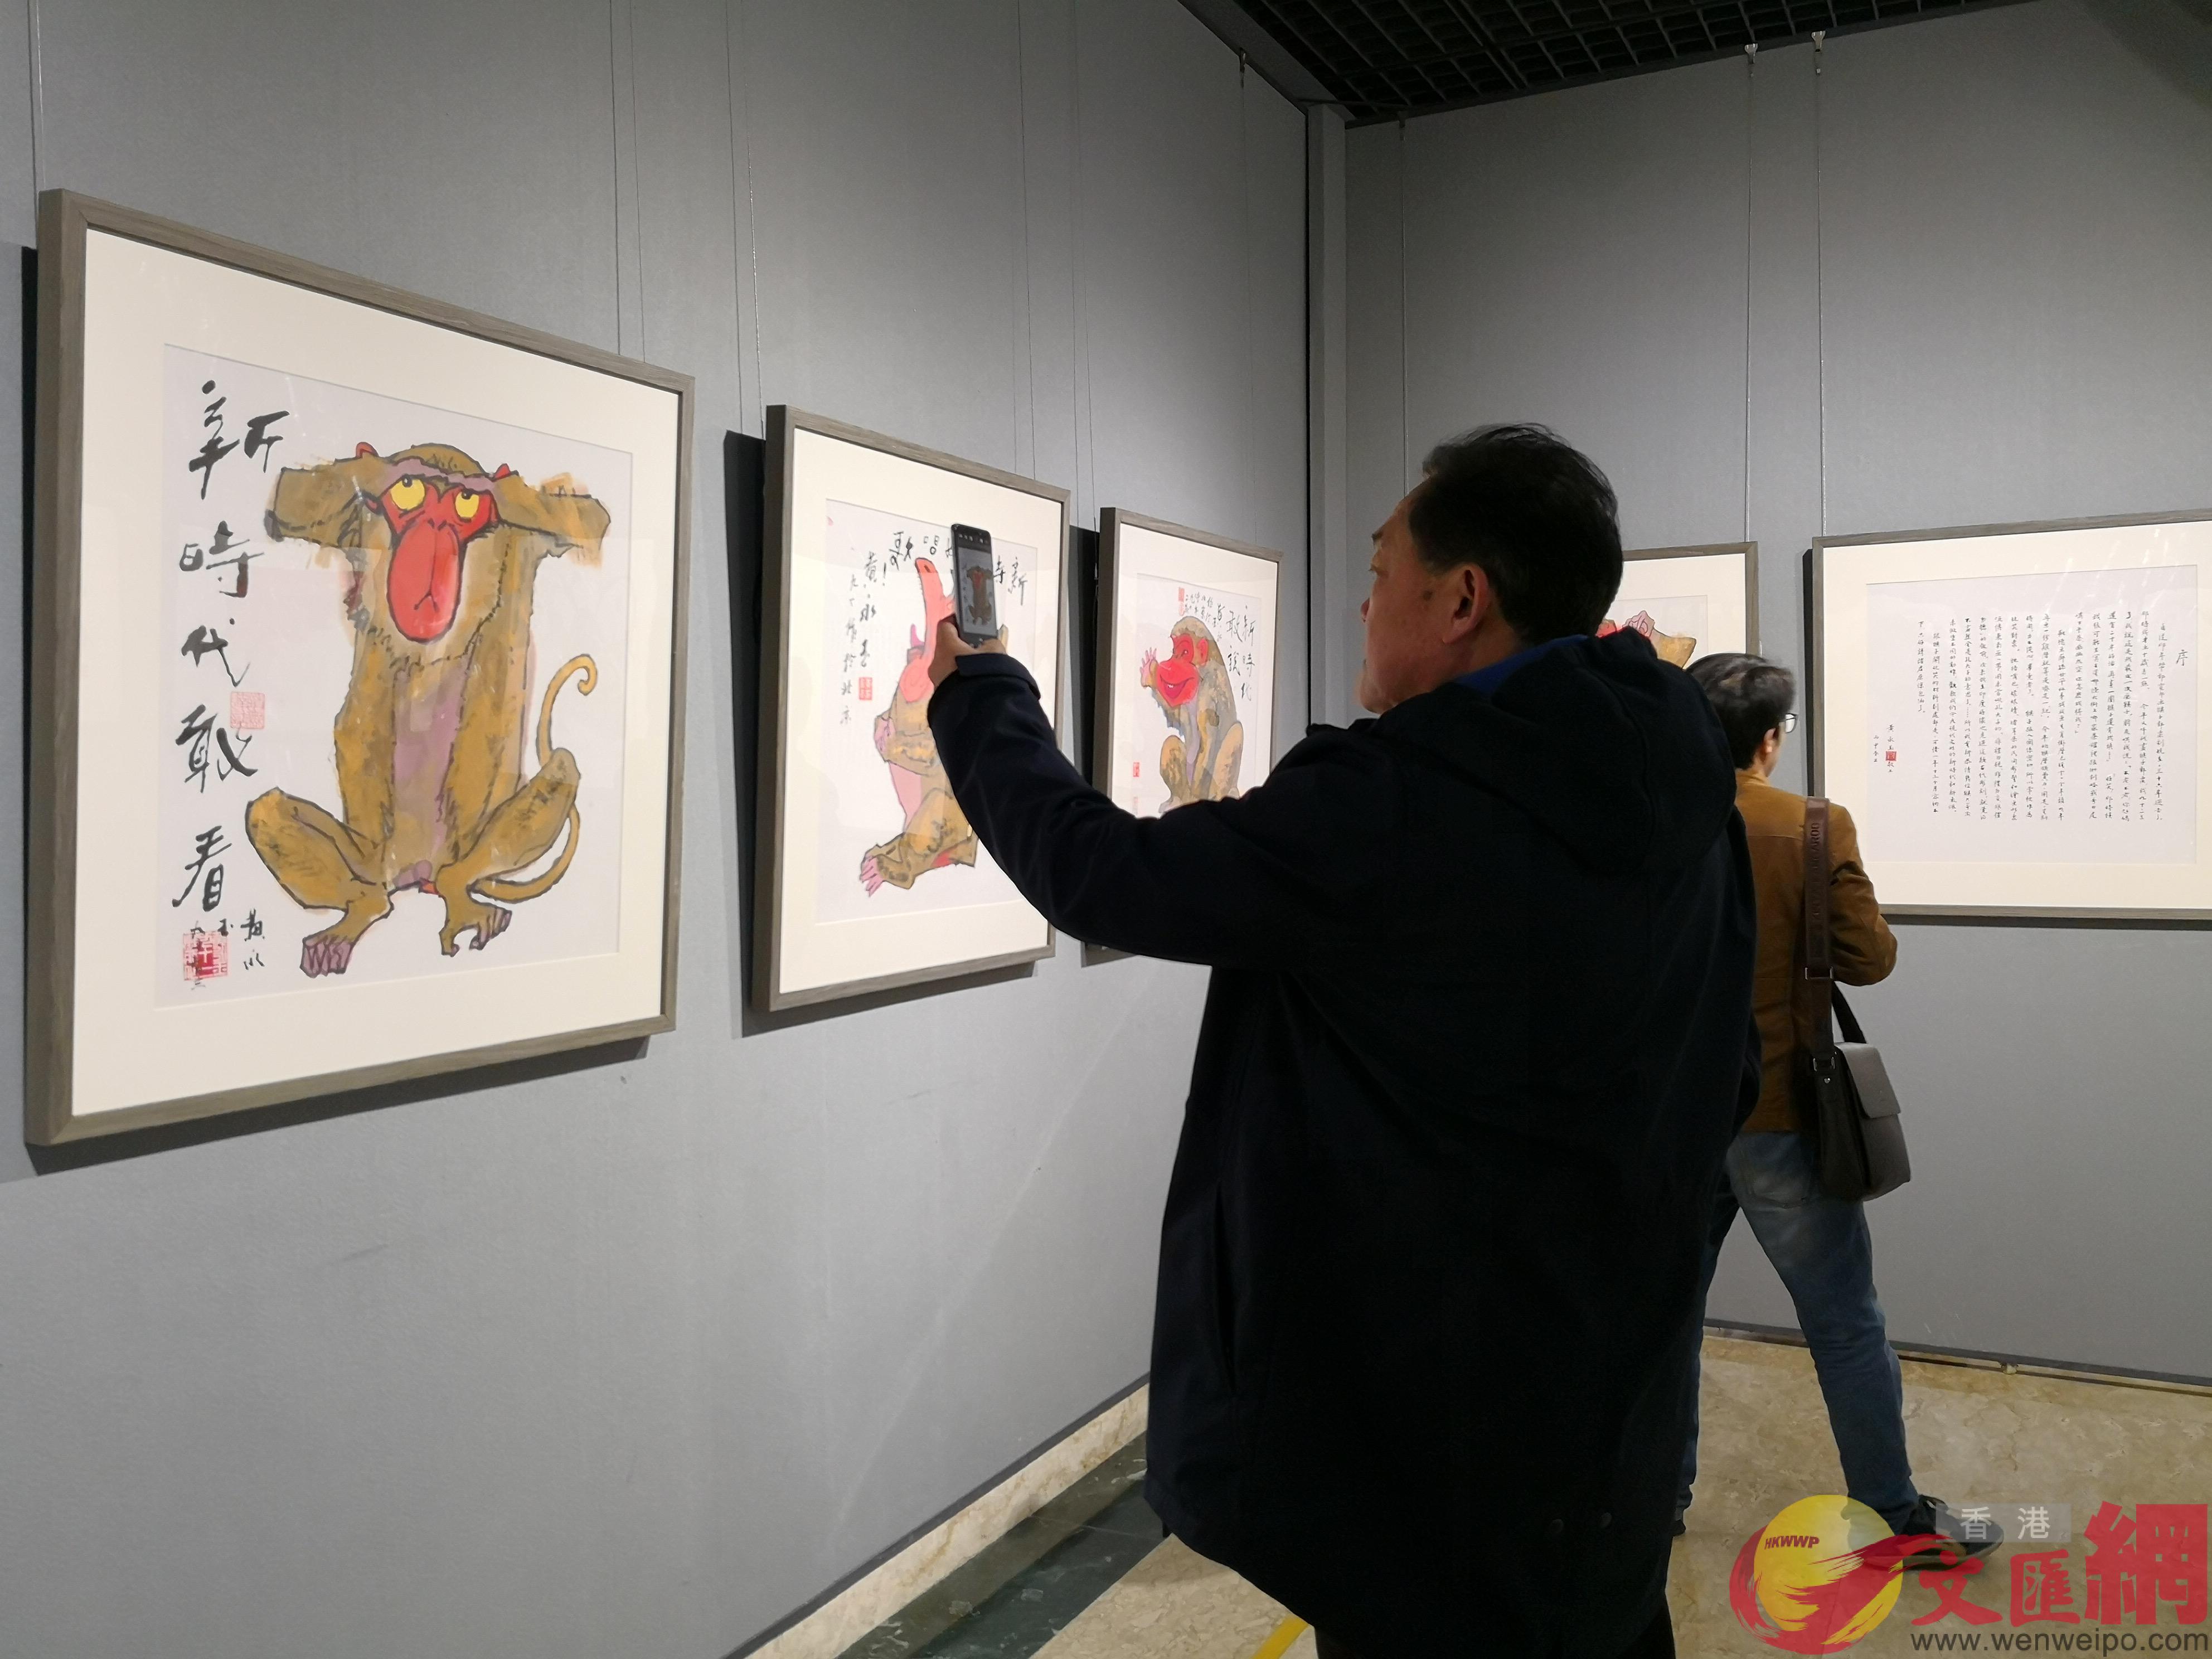 展覽吸引大批觀眾參觀留影(記者郭若溪 攝)